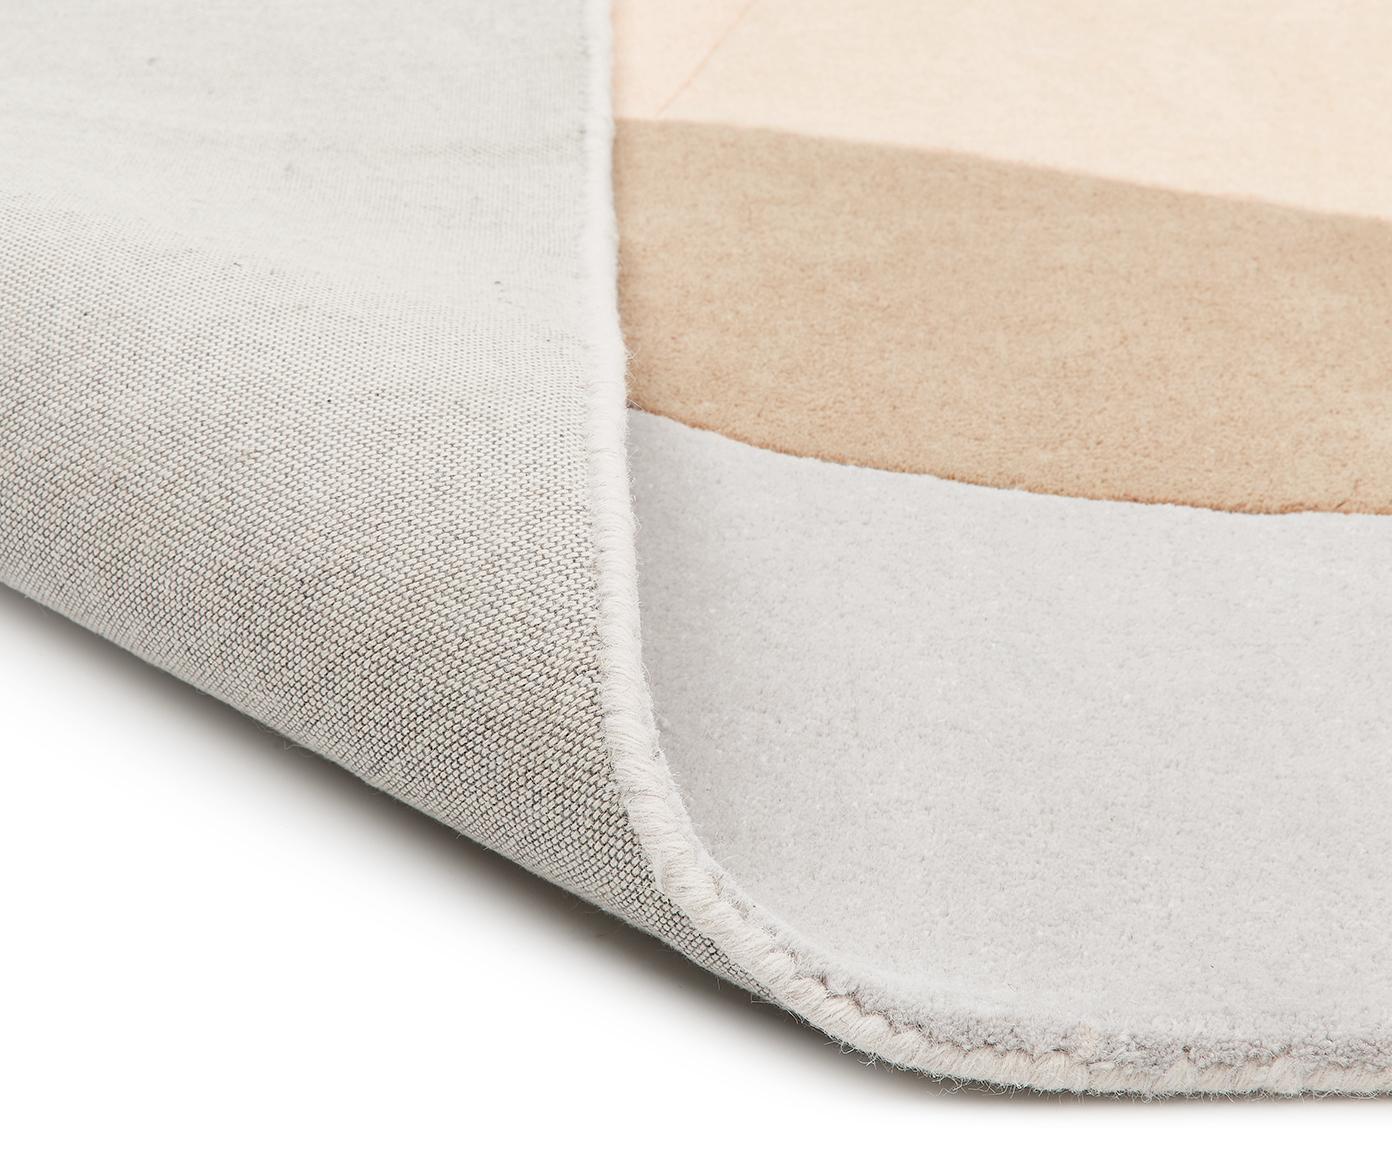 Ręcznie tuftowany dywan z wełny Luke, Beżowy, szary, morelowy, S 120 x D 180 cm